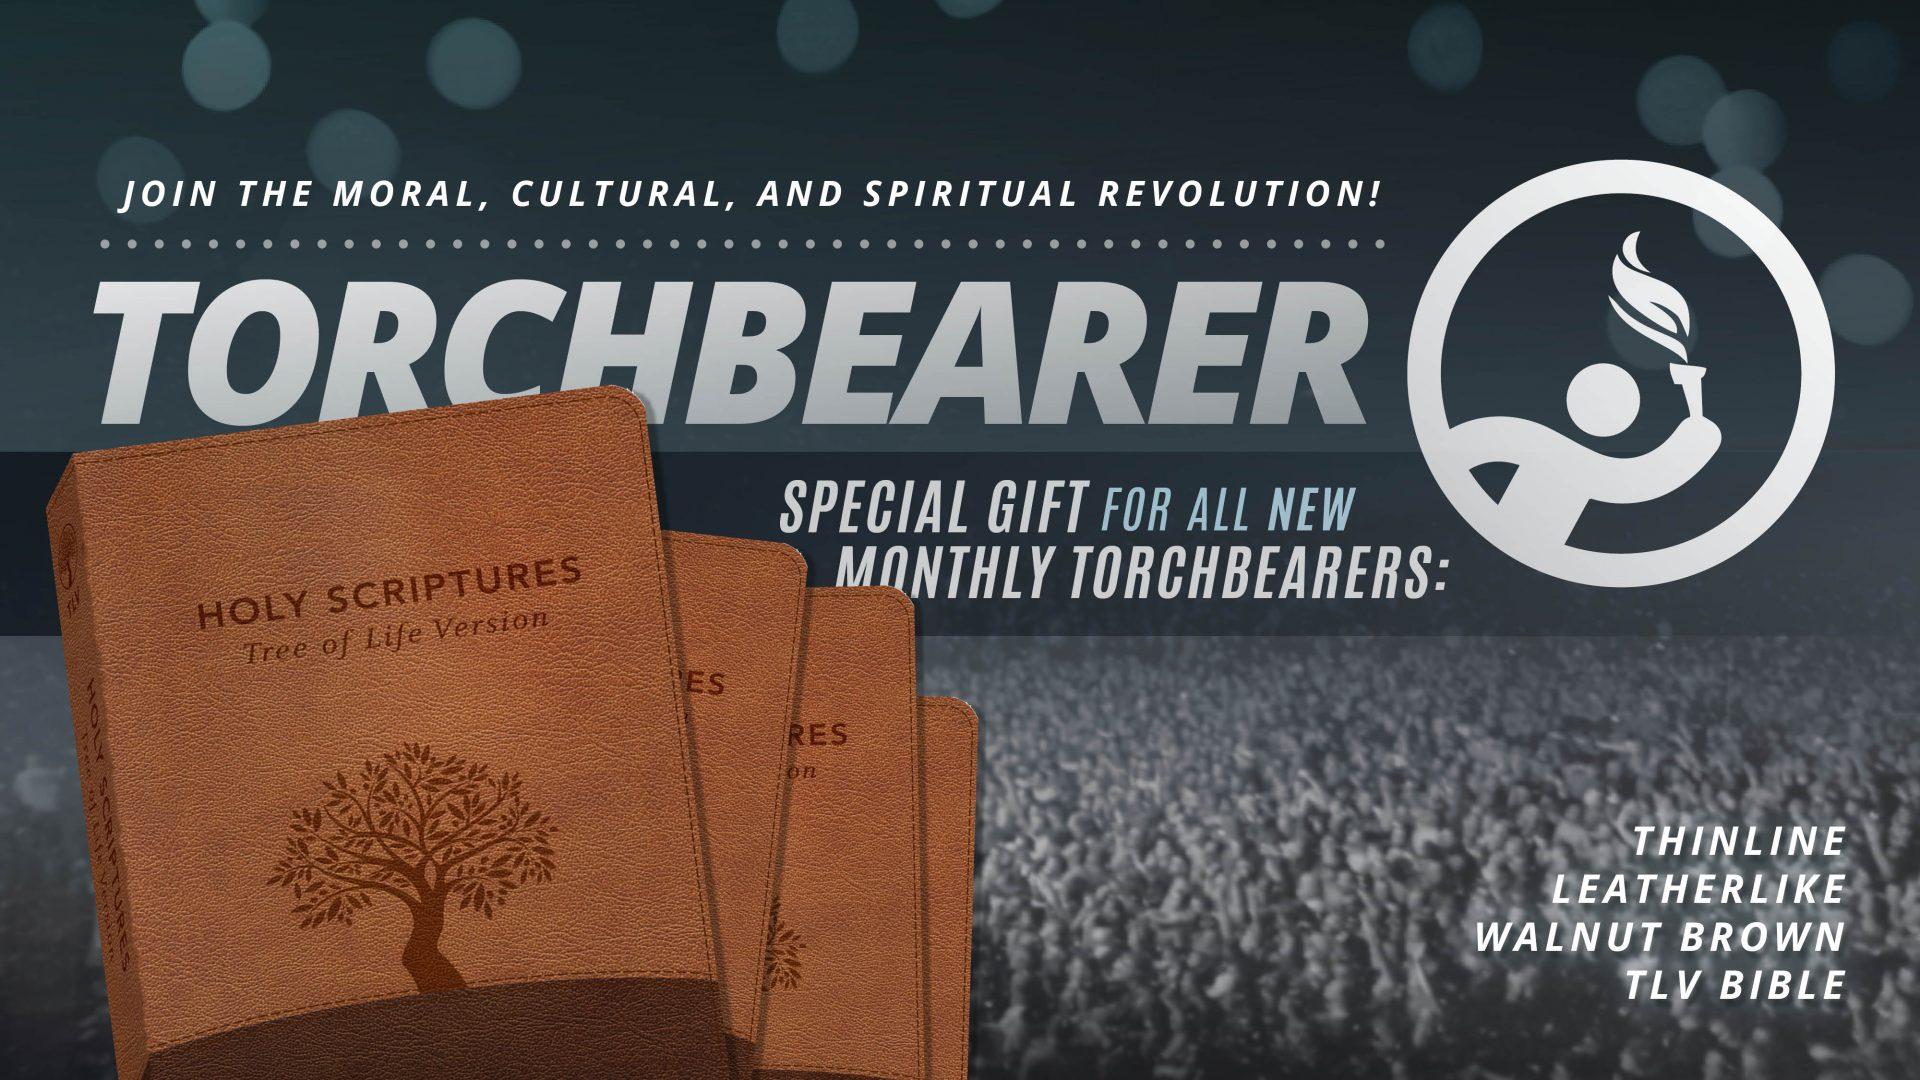 Become a Torchbearer